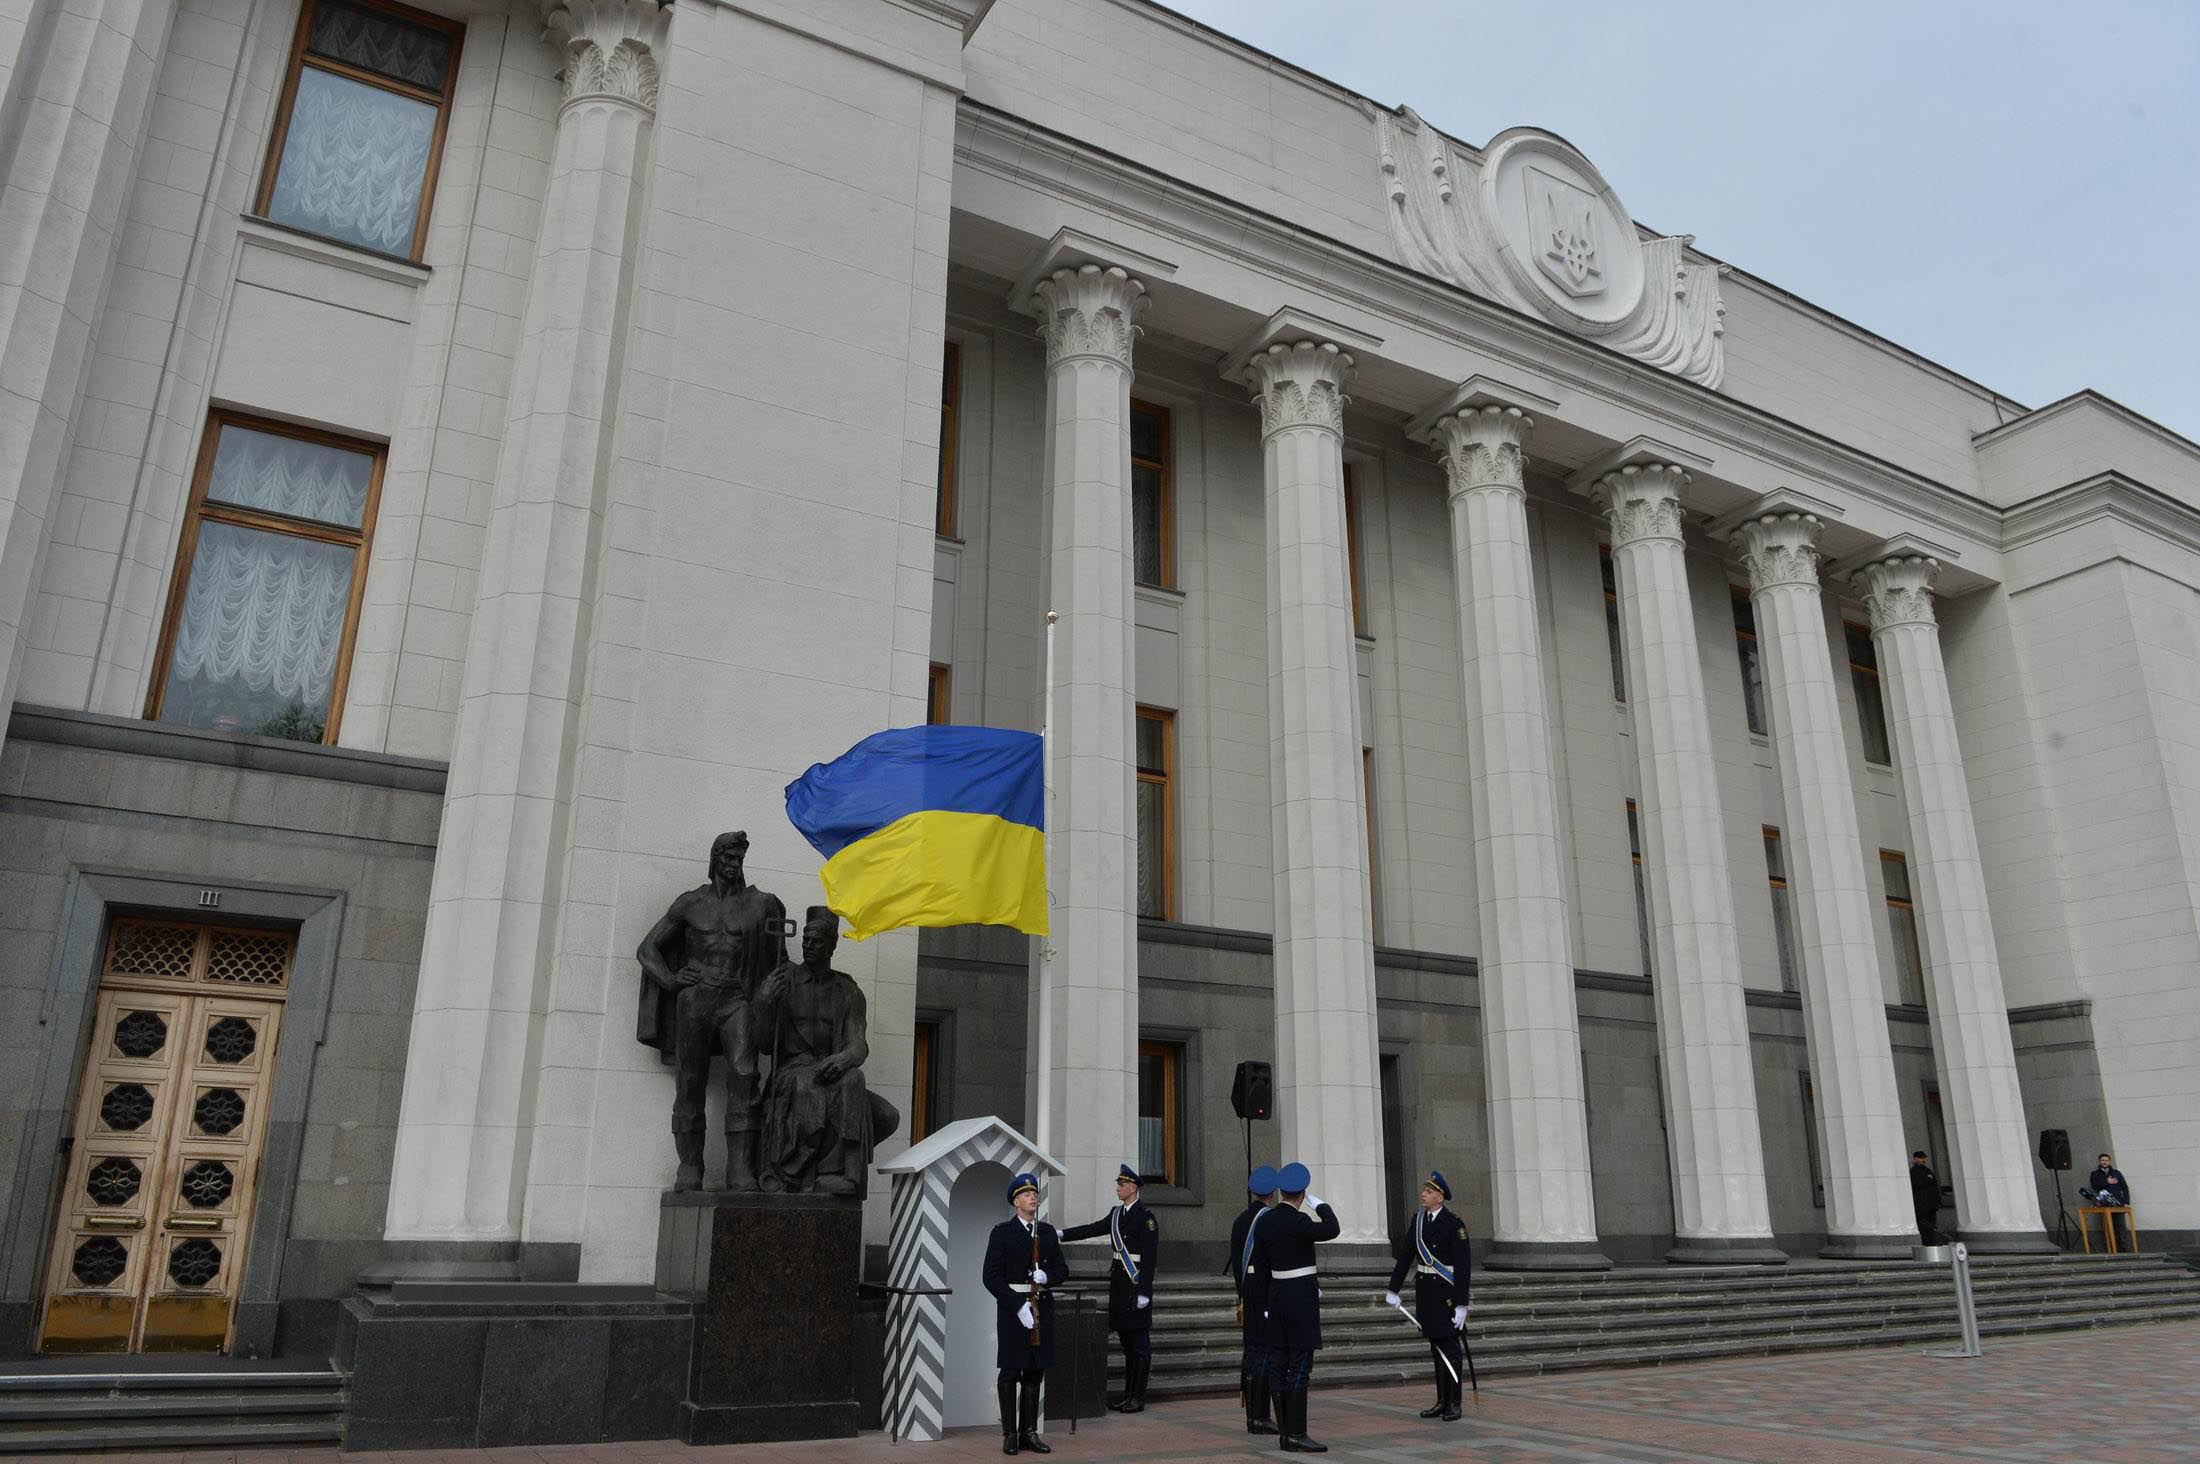 Започатковано нову традицію: Почесна варта — шана Державному прапору і парламенту